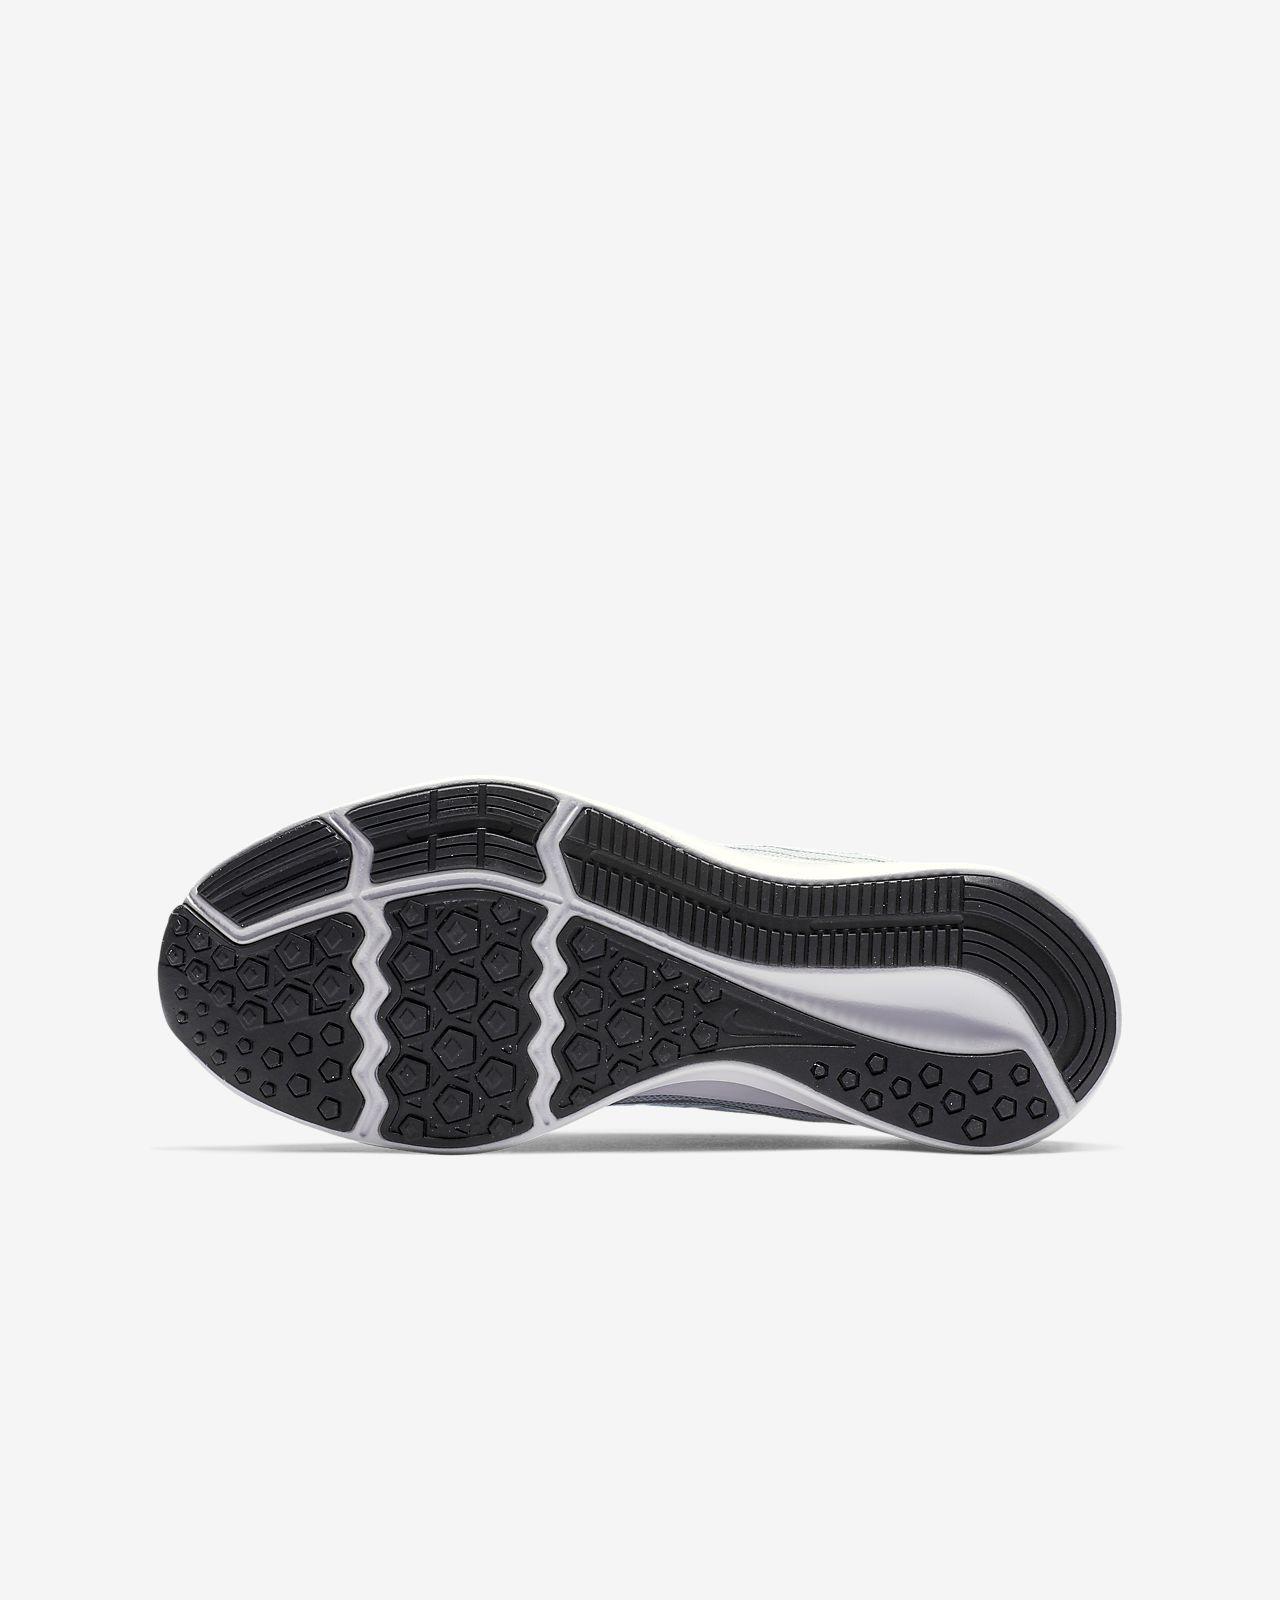 premium selection 83106 a2b8a ... Calzado de running para niños talla grande Nike Downshifter 8